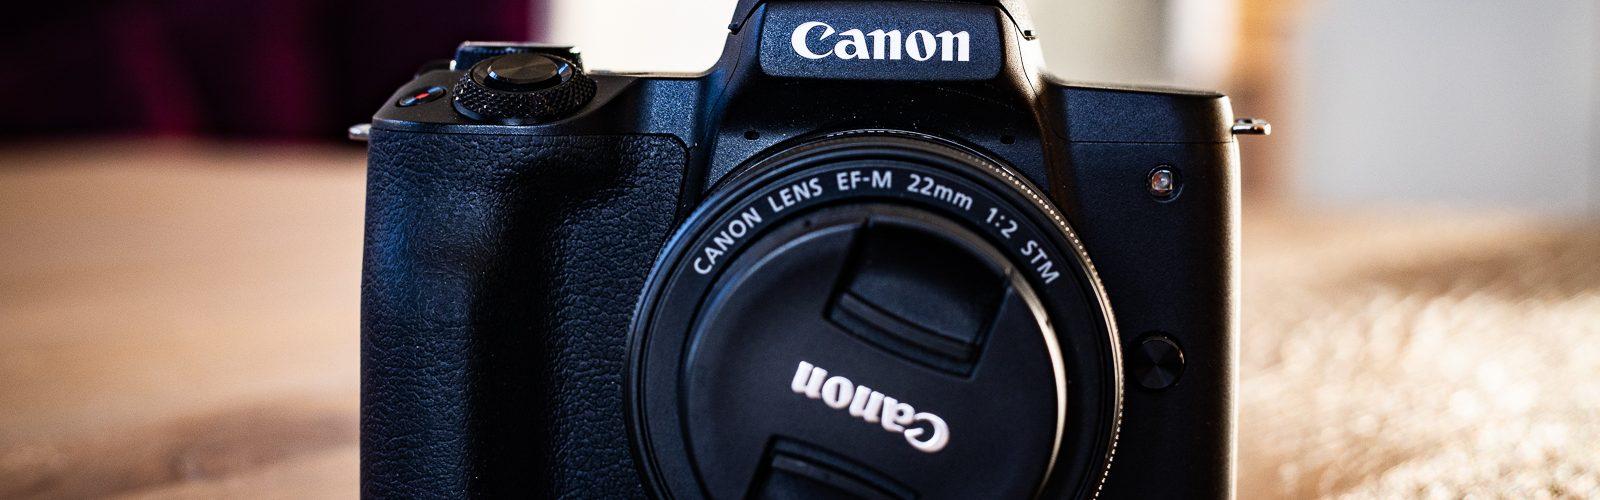 EF-M 22mm auf Canon EOS M50